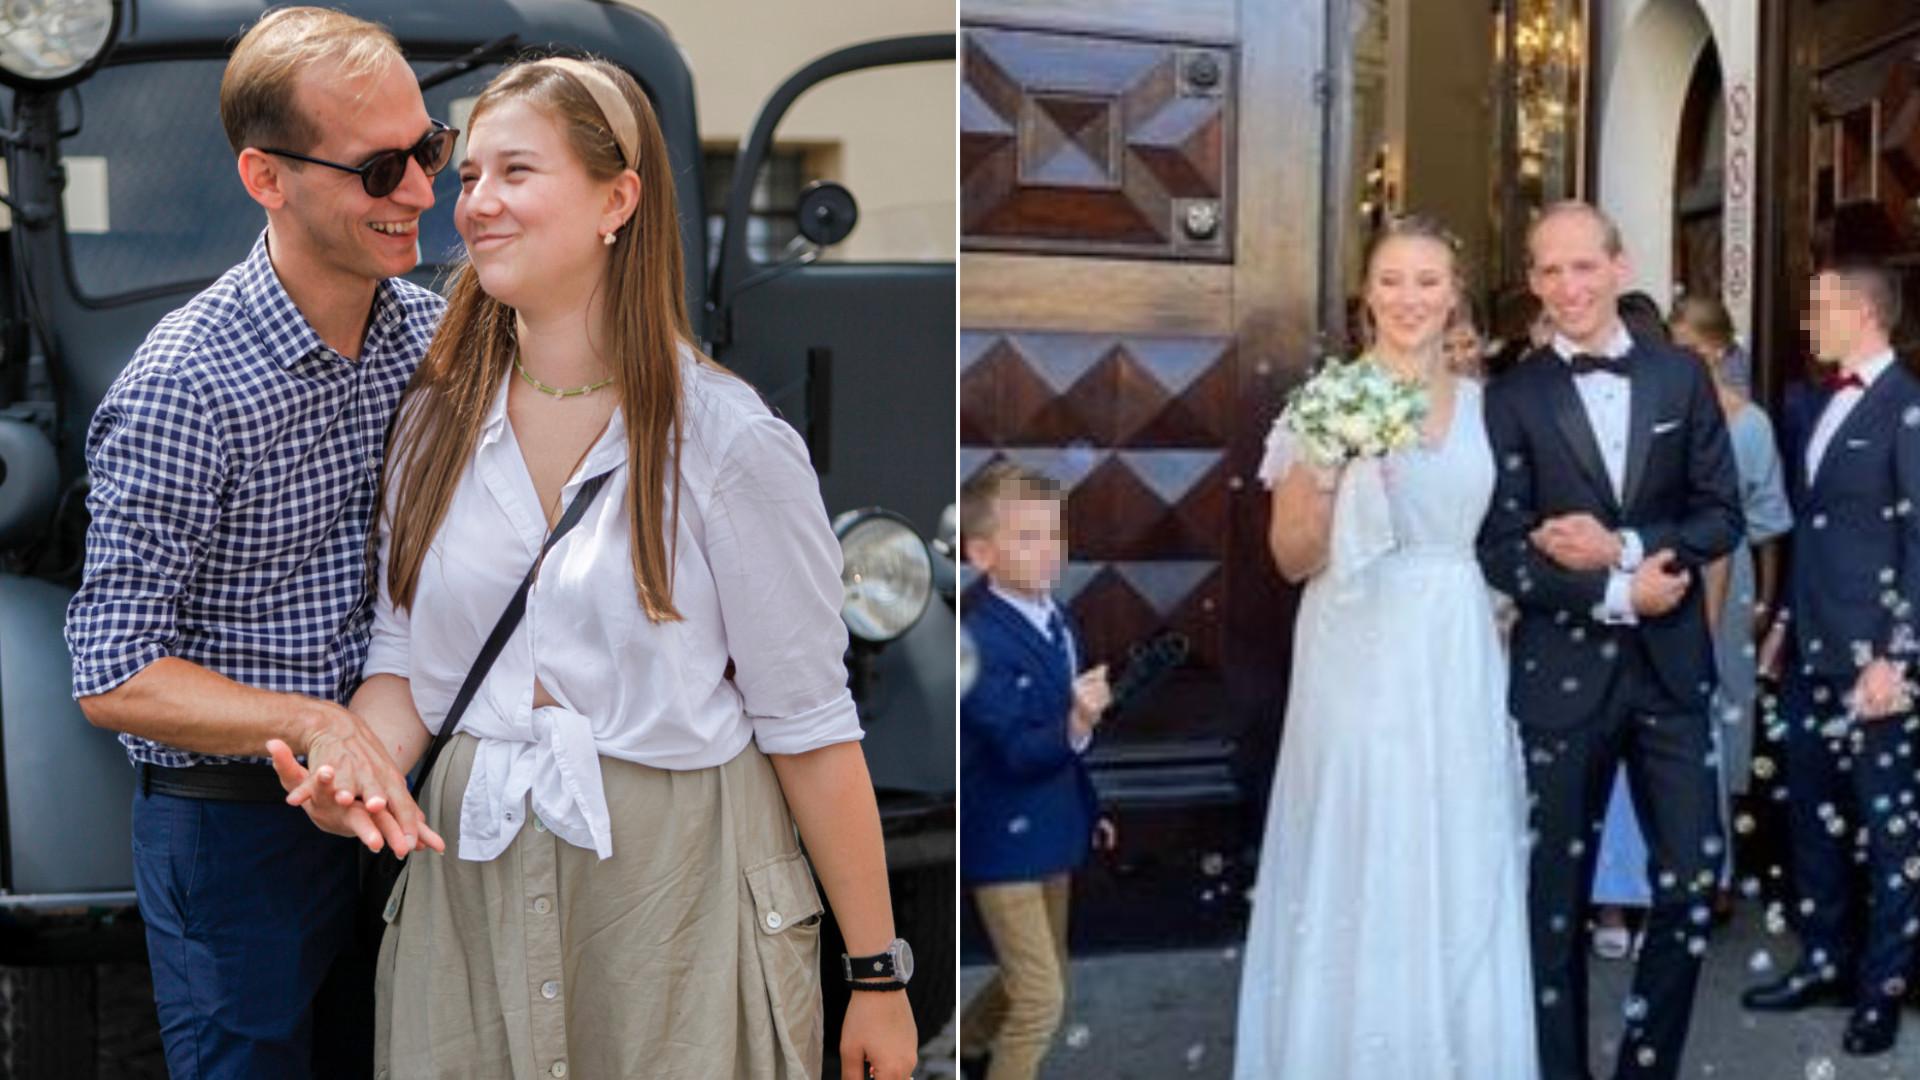 Julia Królikowska wzięła ŚLUB! W sieci pojawiły się pierwsze zdjęcia